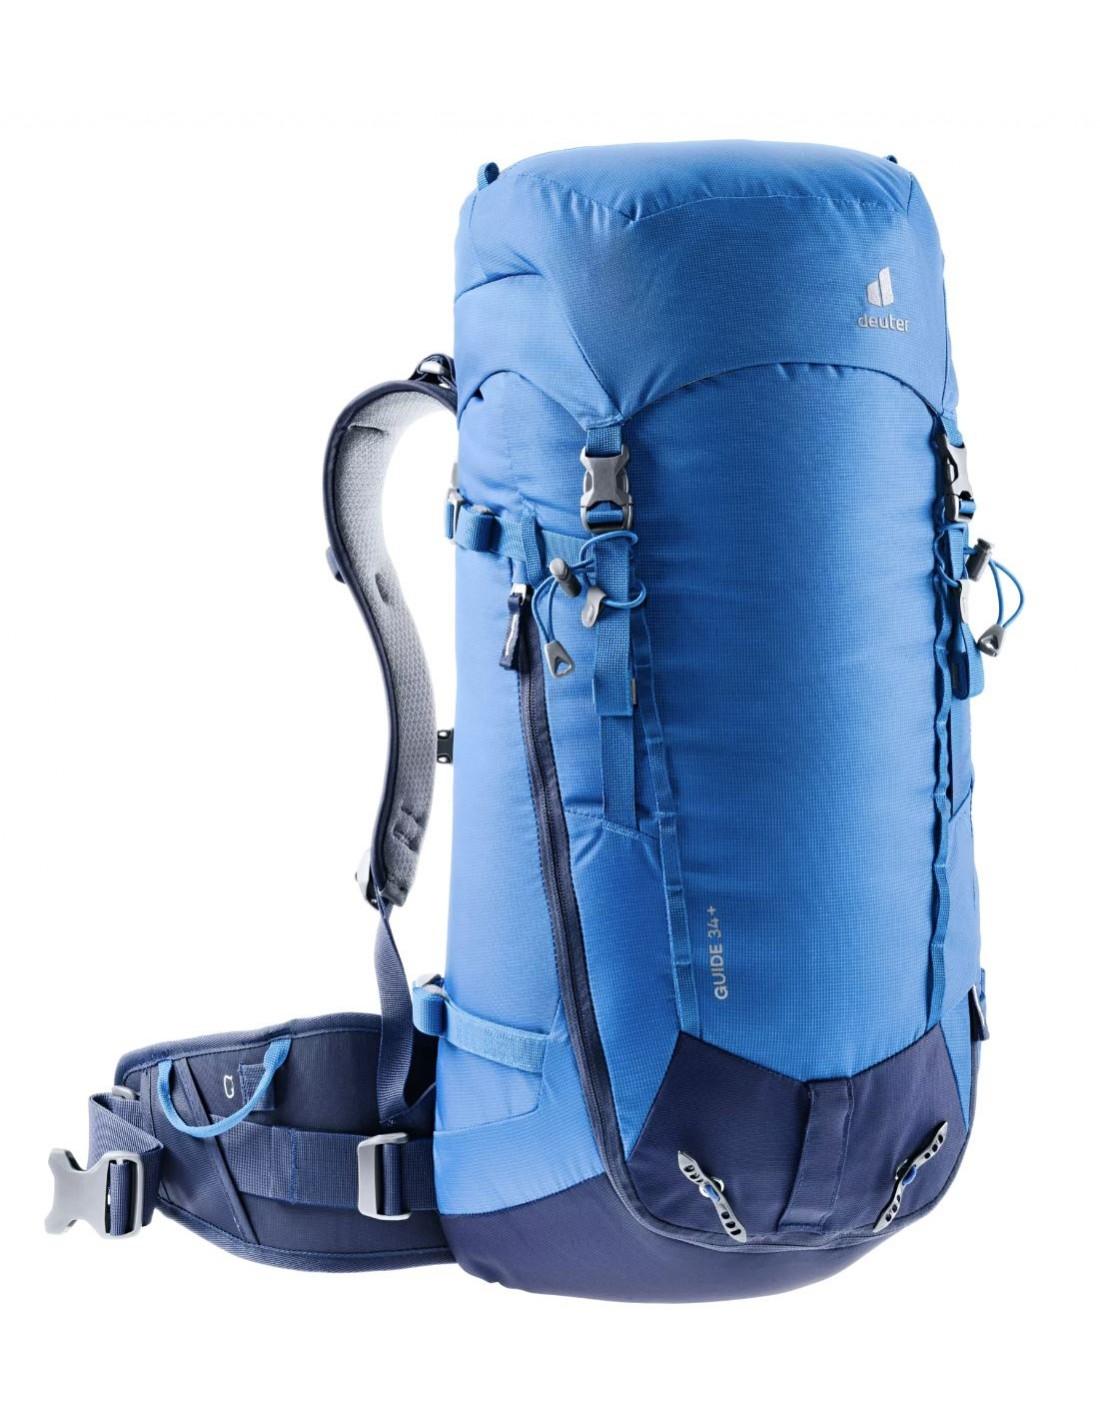 Deuter Rucksack Guide 34+, lapis-navy Rucksackart - Skitouren, Rucksackvolu günstig online kaufen